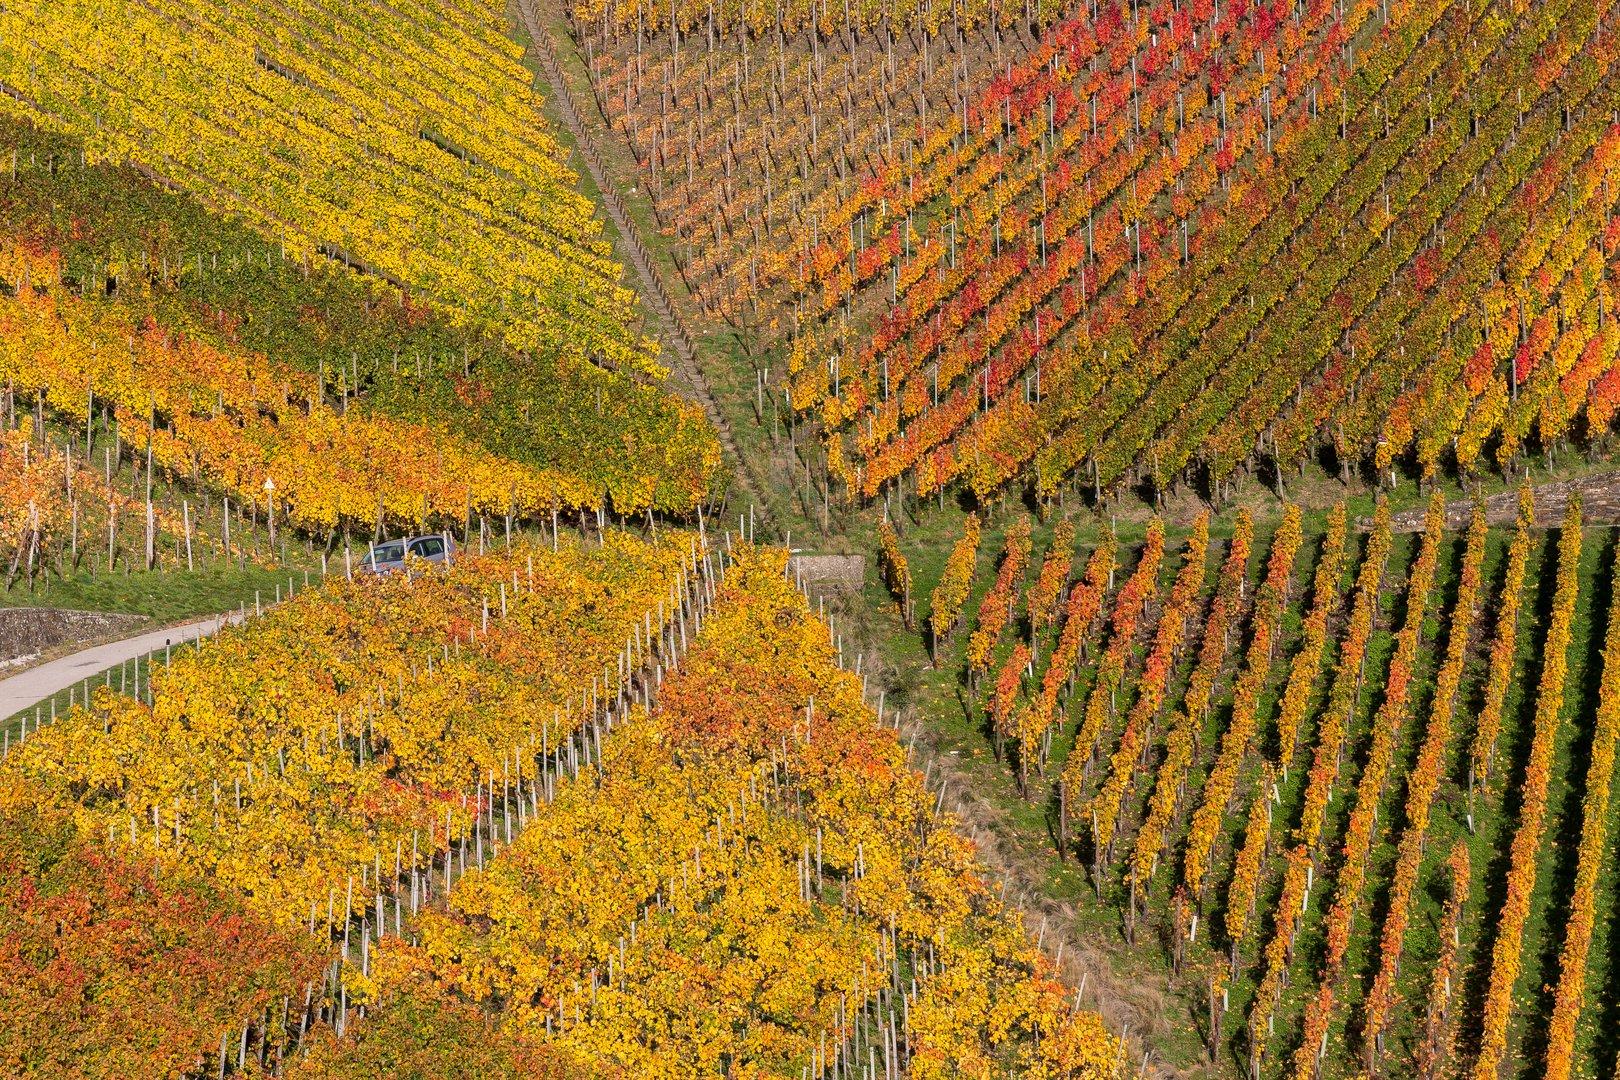 Herbstimmung im Ahrtal